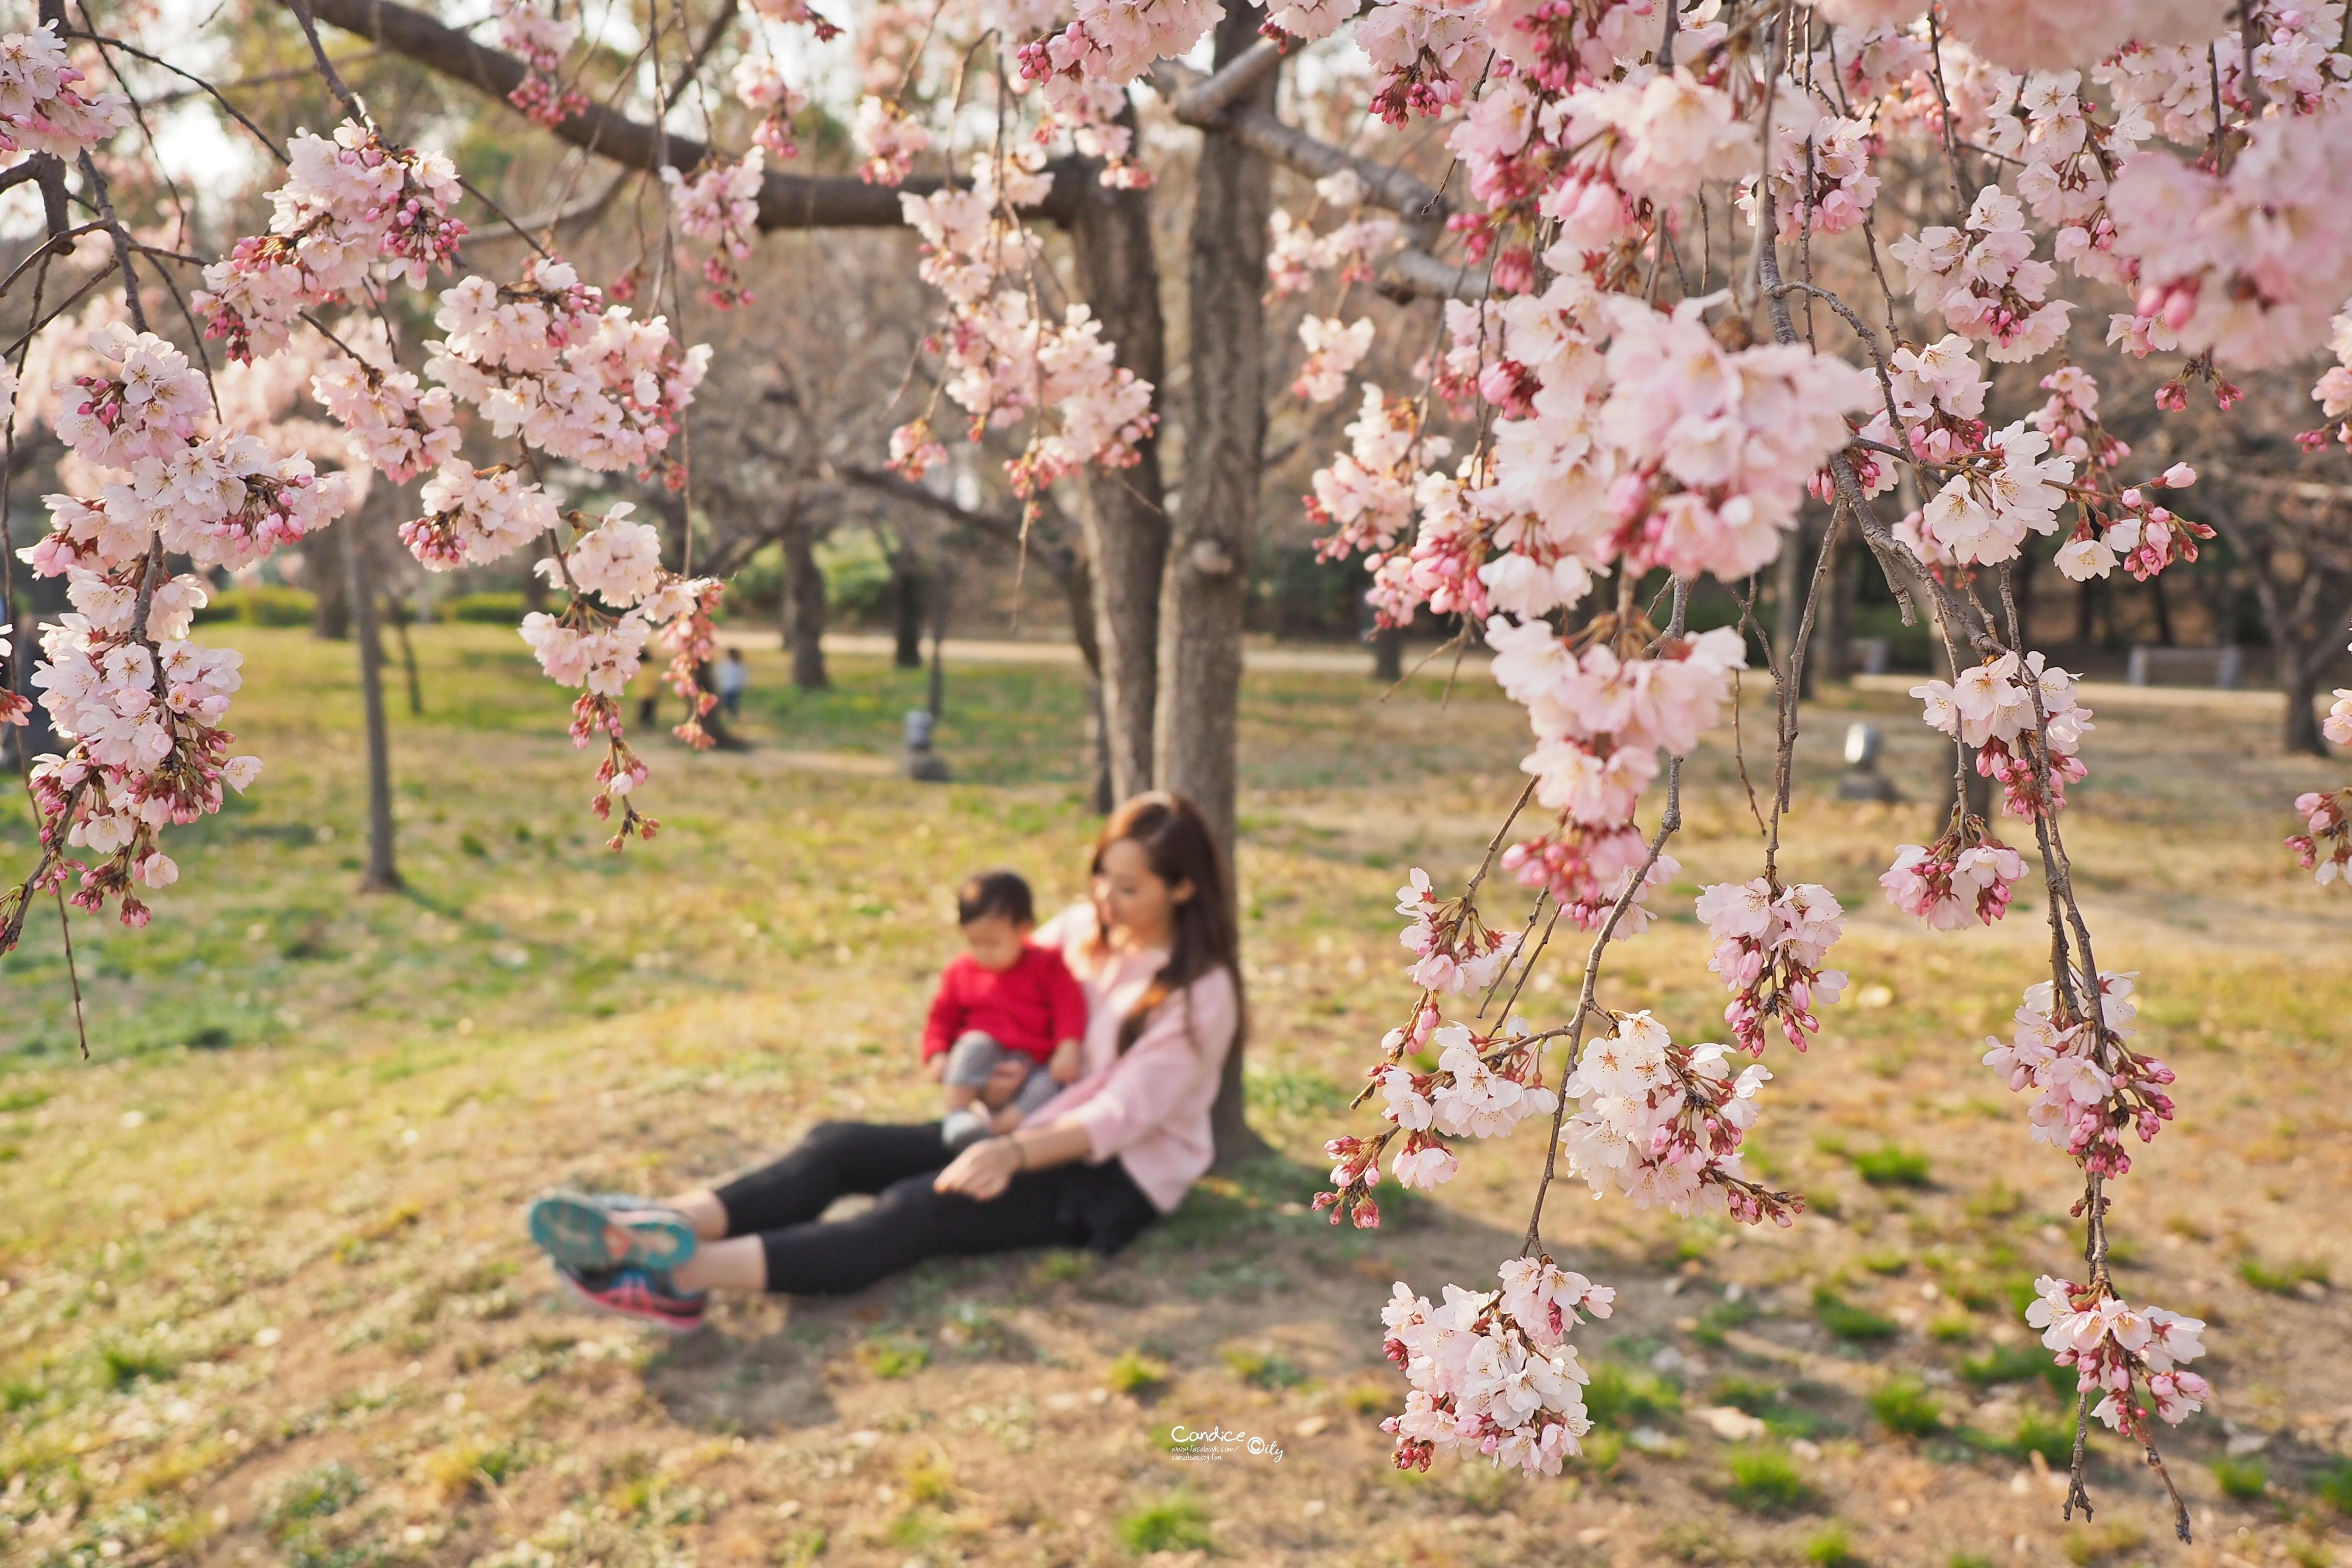 大阪景點》西之丸庭園 賞櫻景點 日本人野餐聖地 @陳小沁の吃喝玩樂